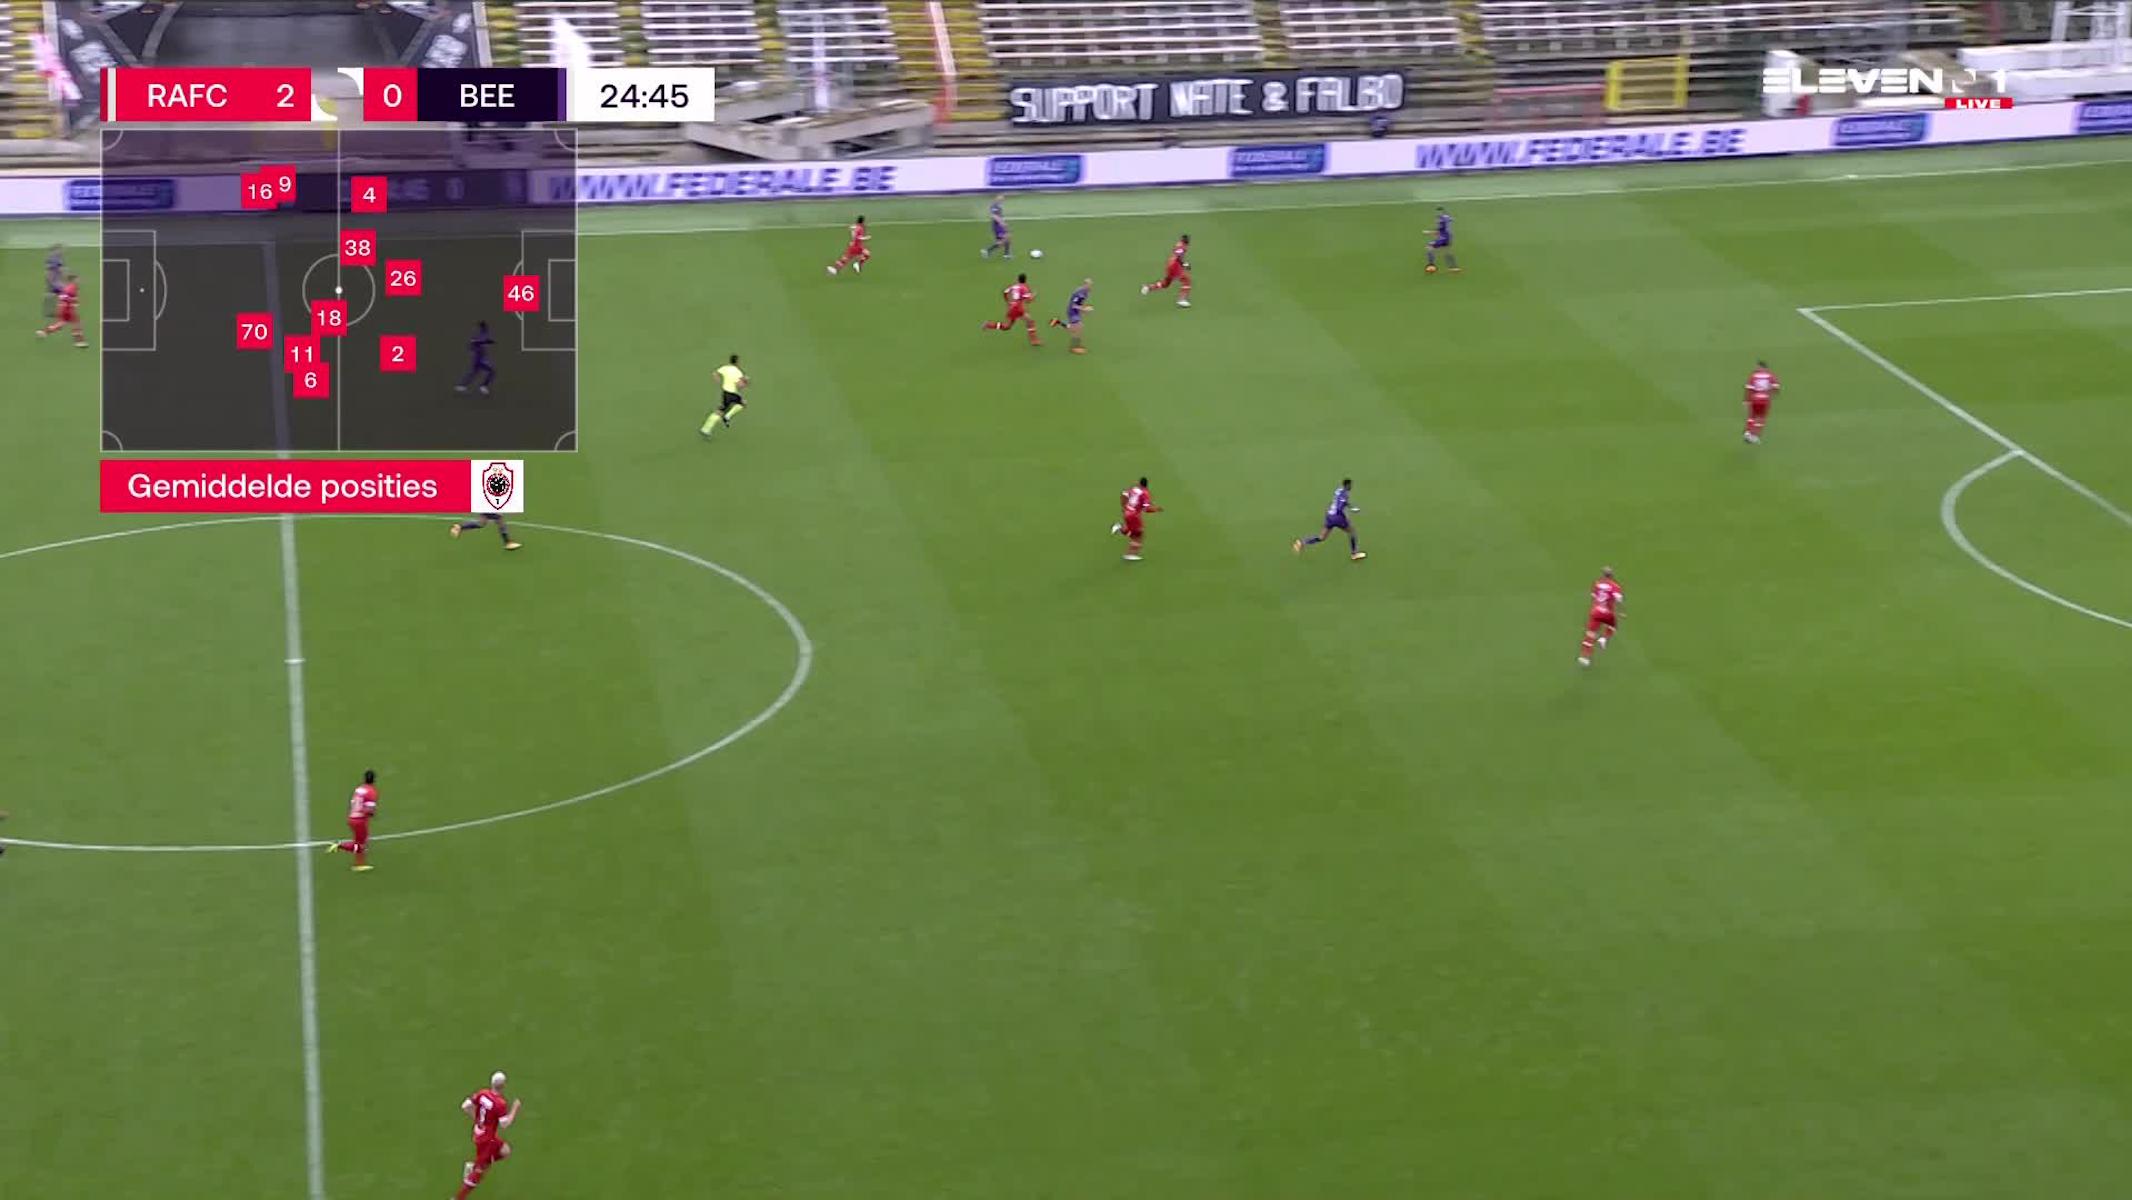 Doelpunt Musashi Suzuki (Royal Antwerp FC vs. K. Beerschot V.A.)